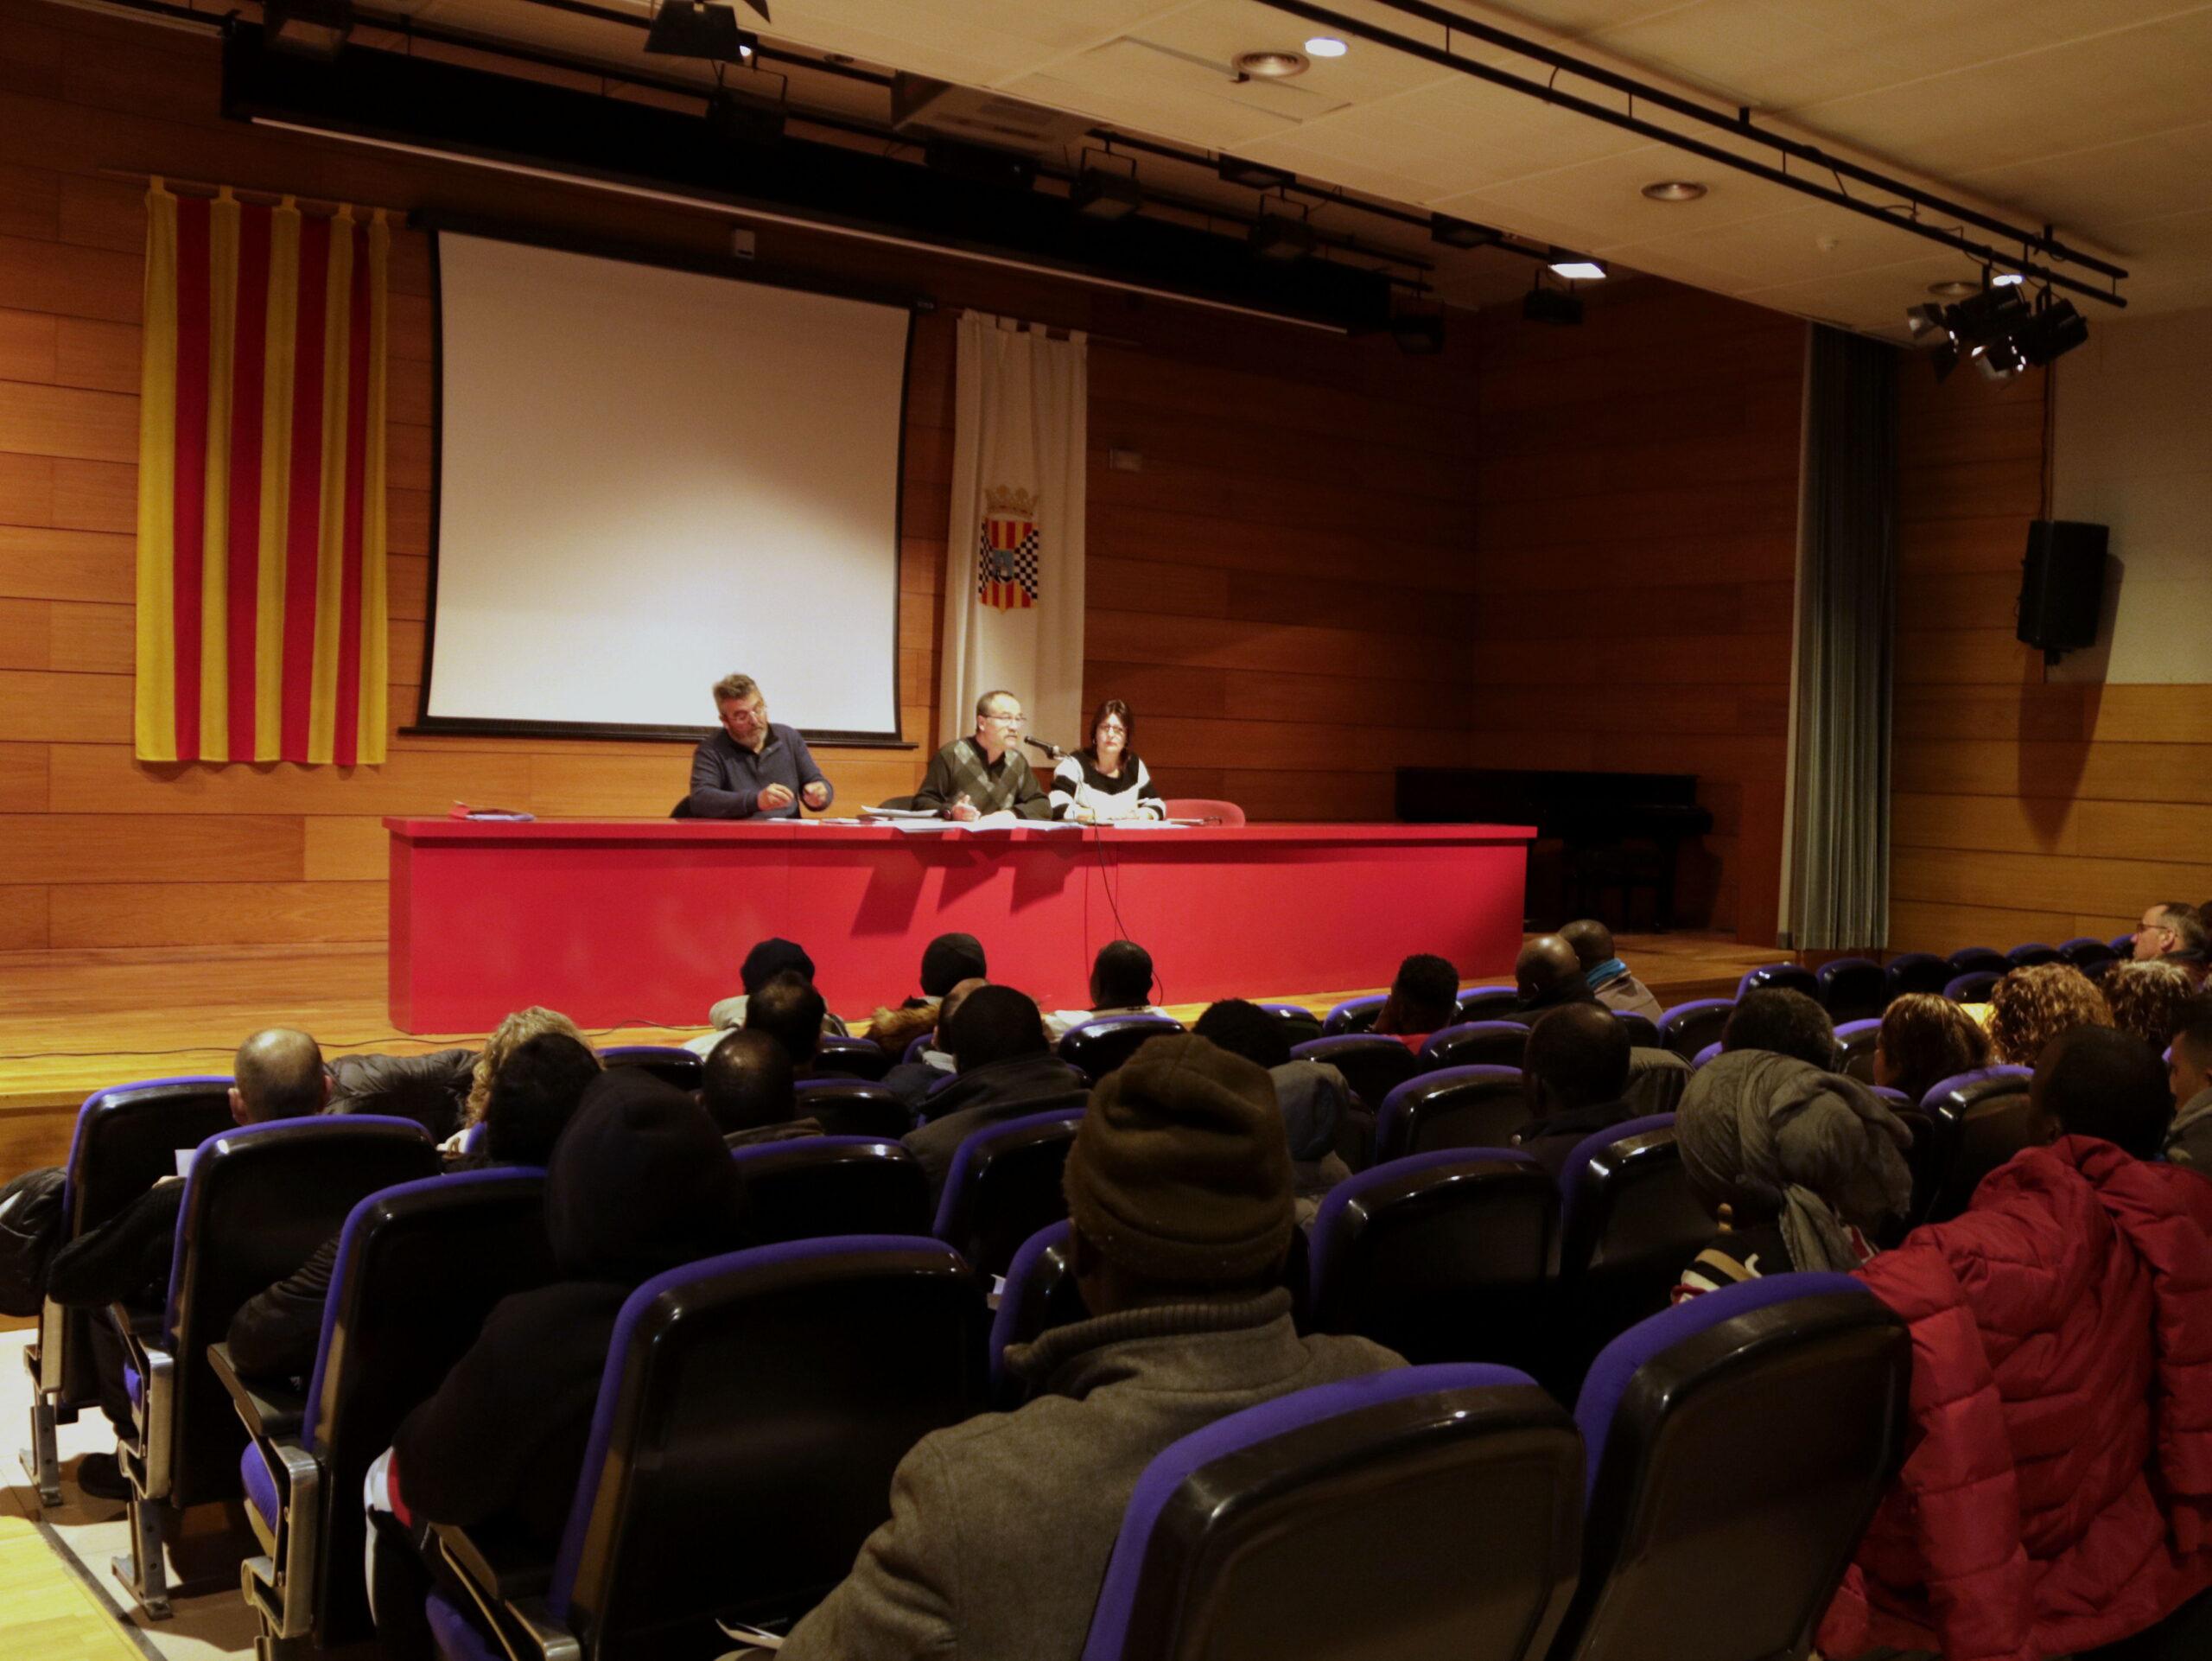 Imatge general de la sala on s'ha celebrat l'assemblea de FICA-UGT Terres de Lleida i els treballadors d'Axparia, Grupo Jorge aquest dissabte a Mollerussa. El 12 de gener de 2019. (Horitzontal)